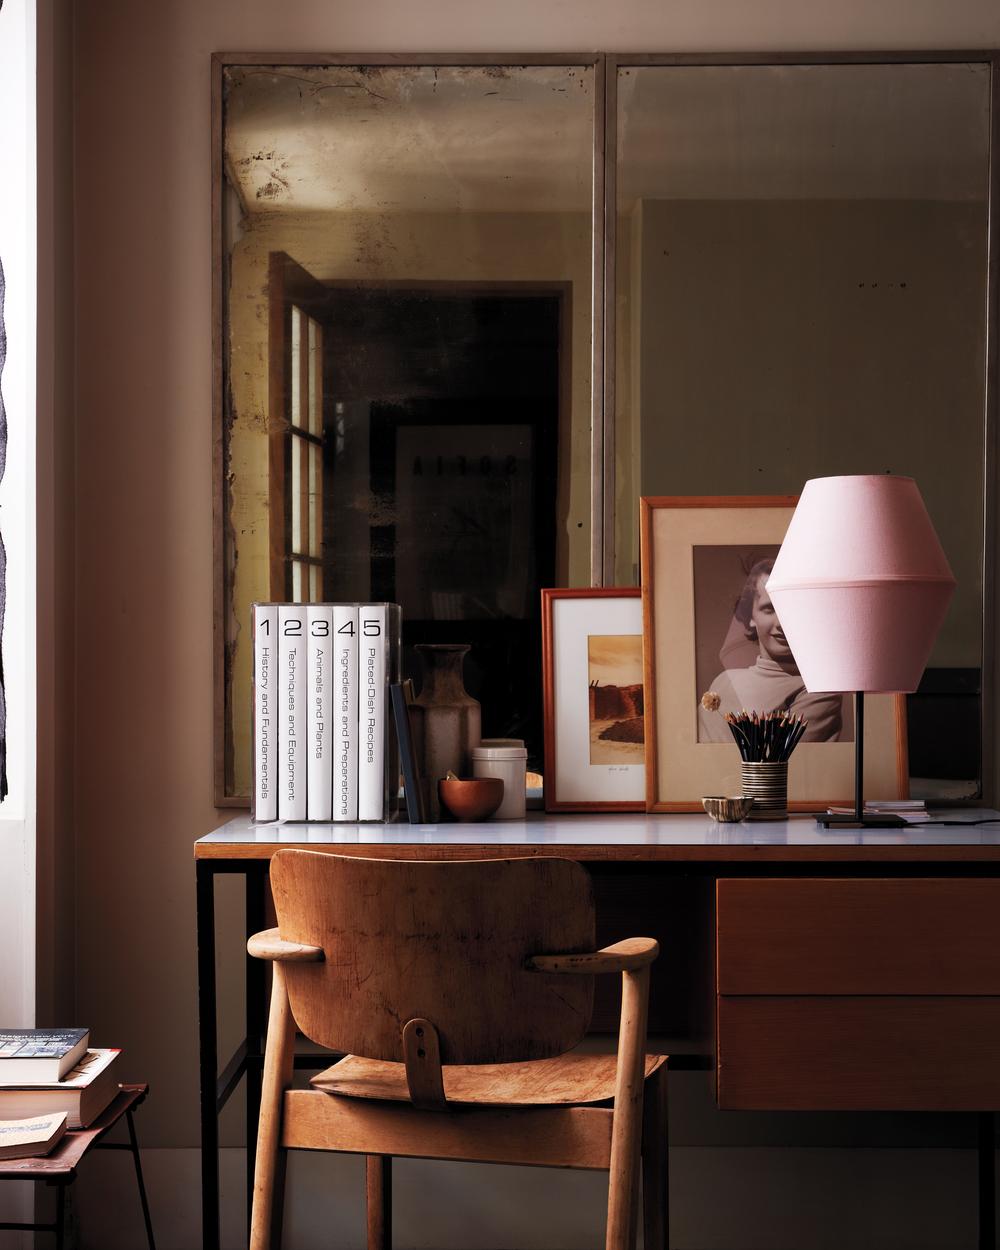 D110260-desk-pinklamp-028-hero.jpg